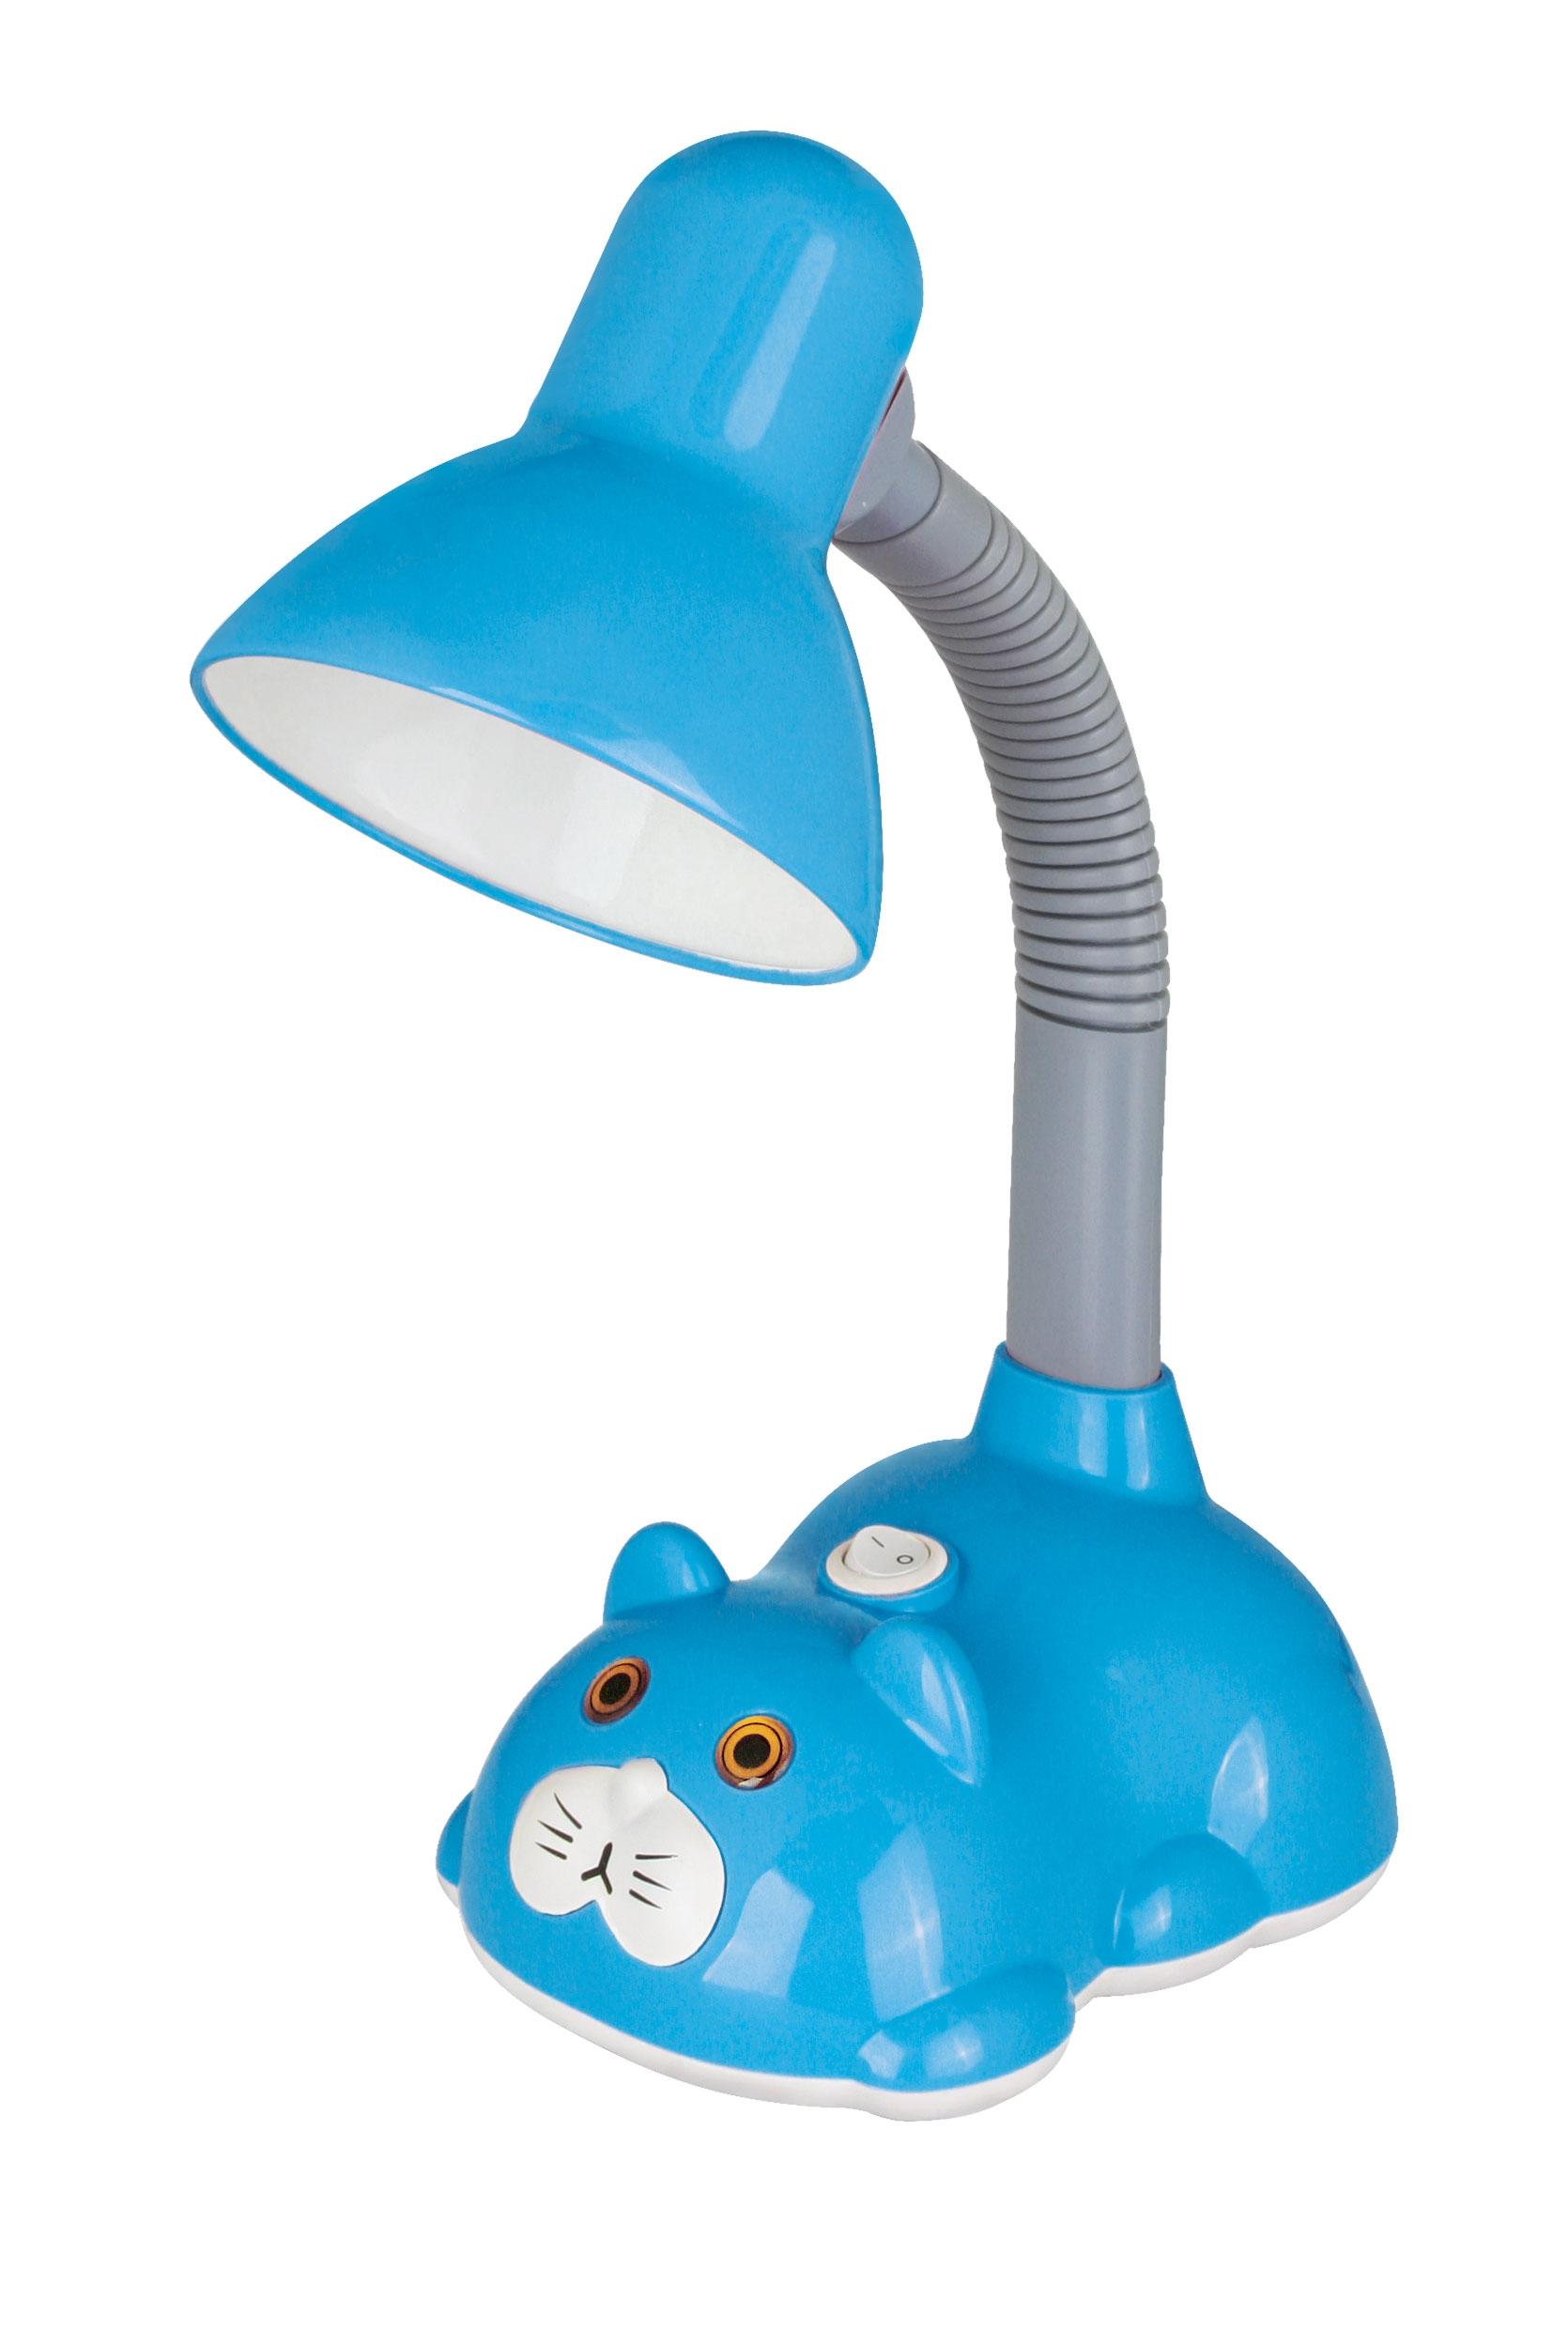 Лампа настольная Camelion Kd-385 c13 светильник настольный camelion kd 786 c13 голубой led 5 вт 4000к